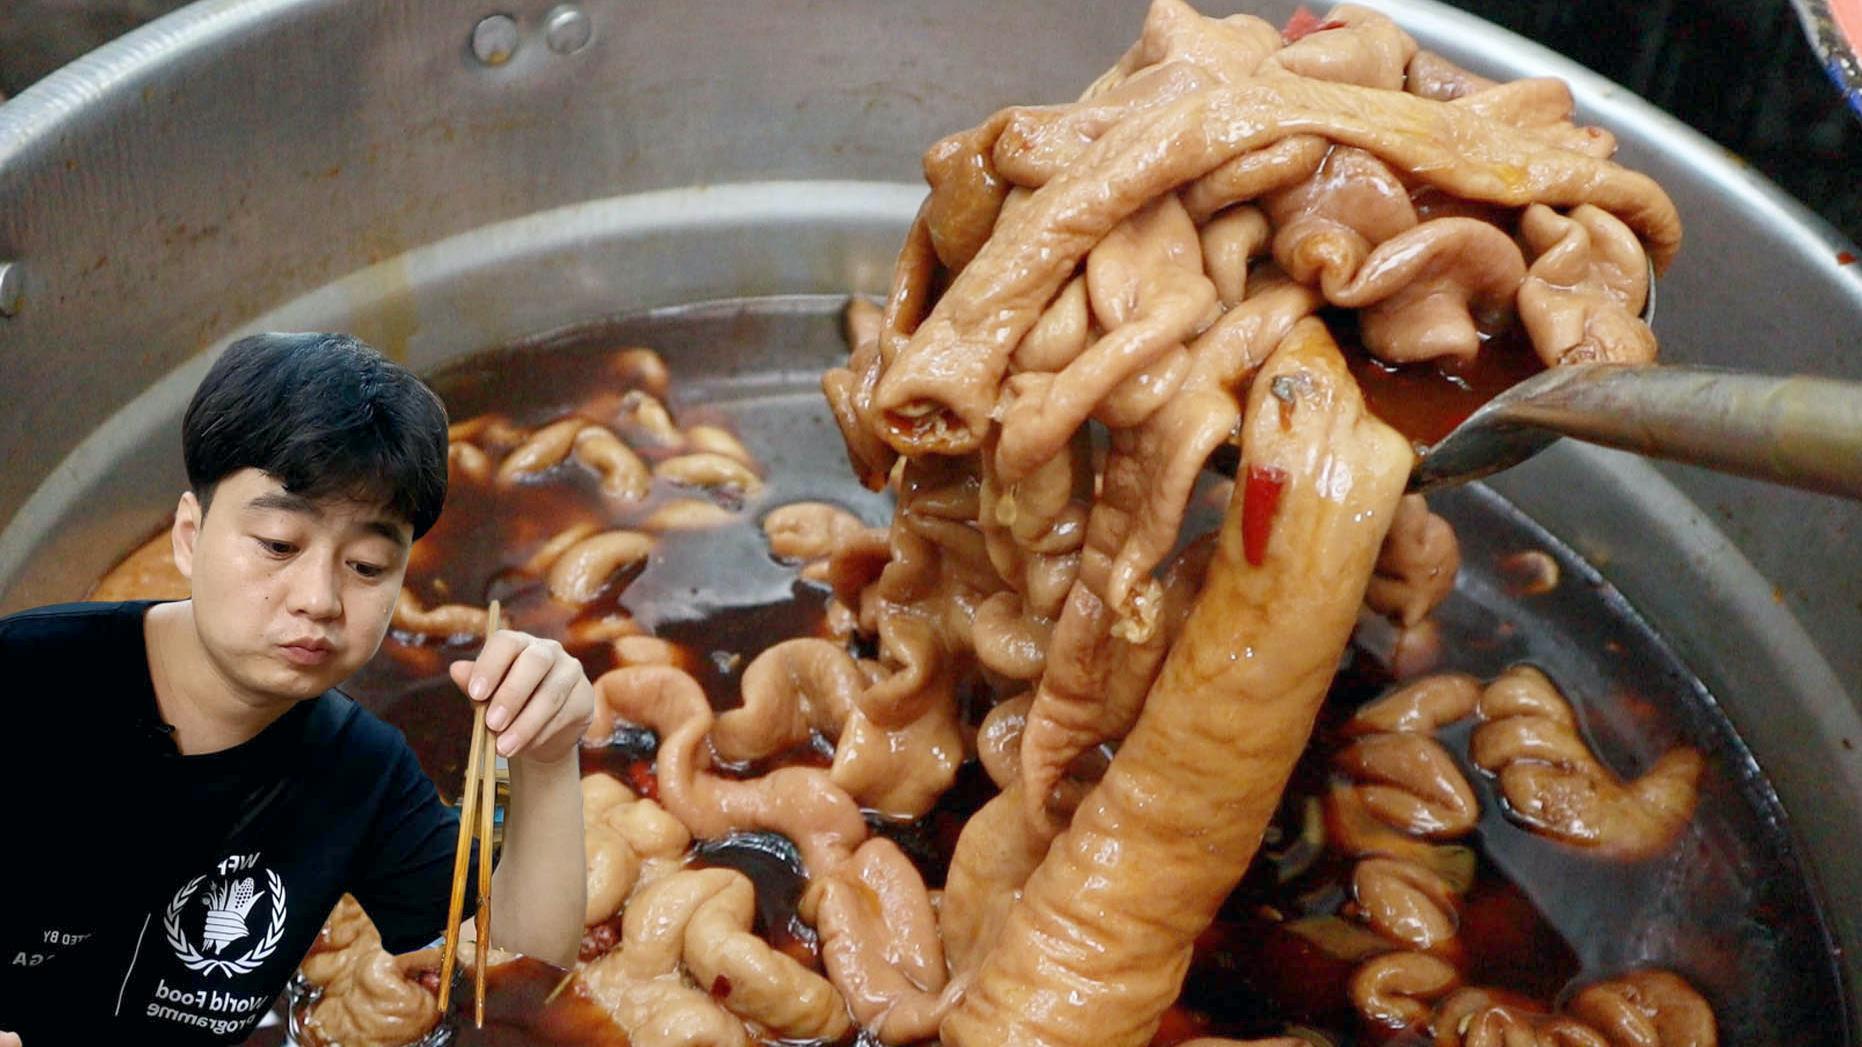 传说中重庆最棒的地摊肥肠,25年只卖红油肥肠,顾客一次买十多斤